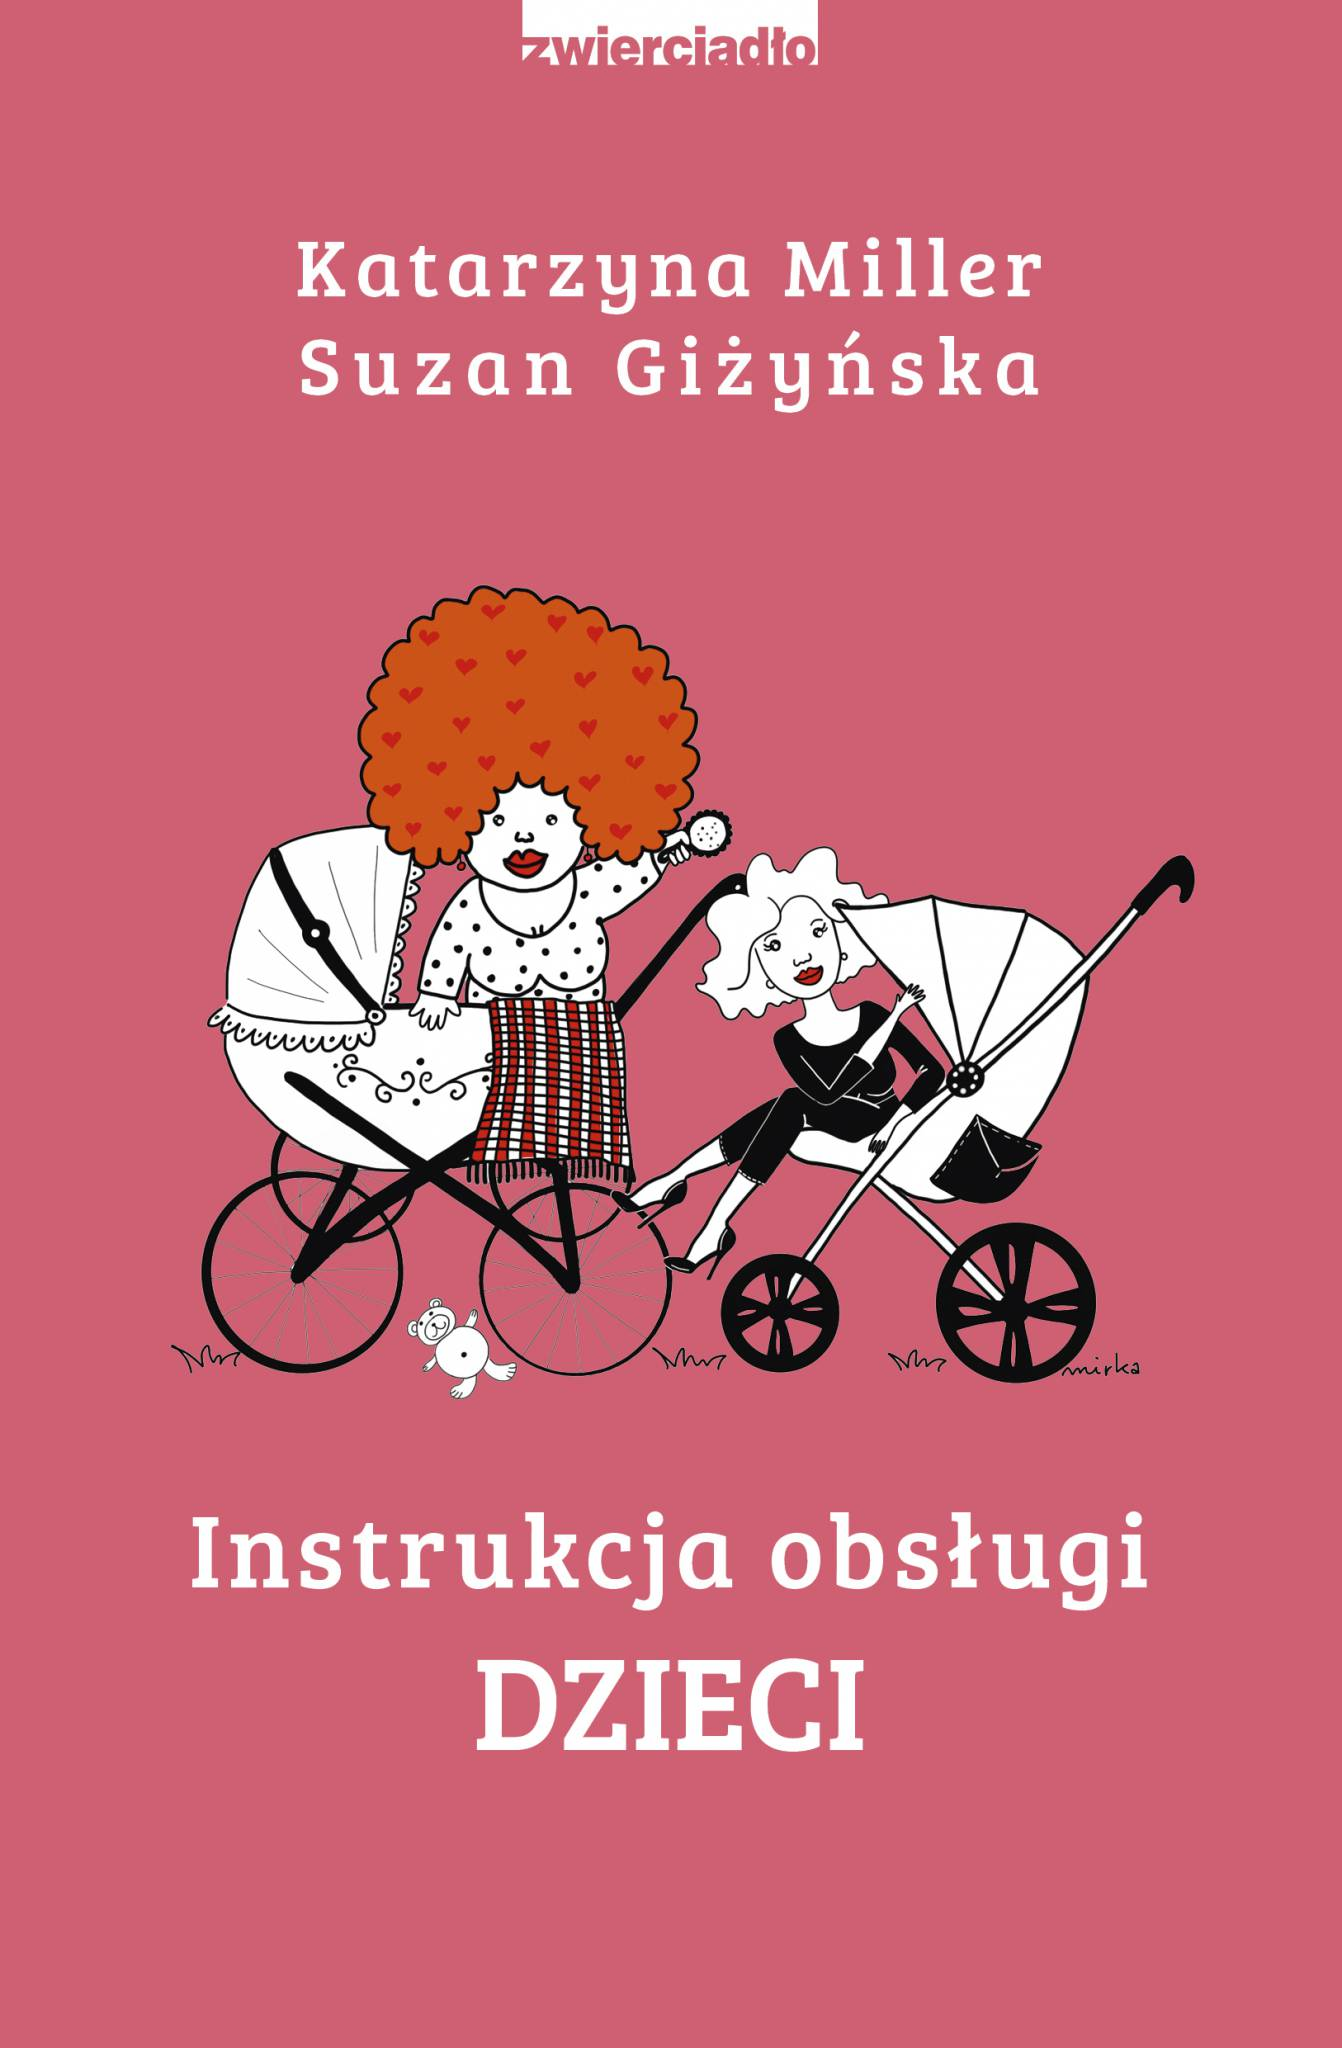 Instrukcja obsługi dzieci - Katarzyna Miller, Suzan Giżyńska